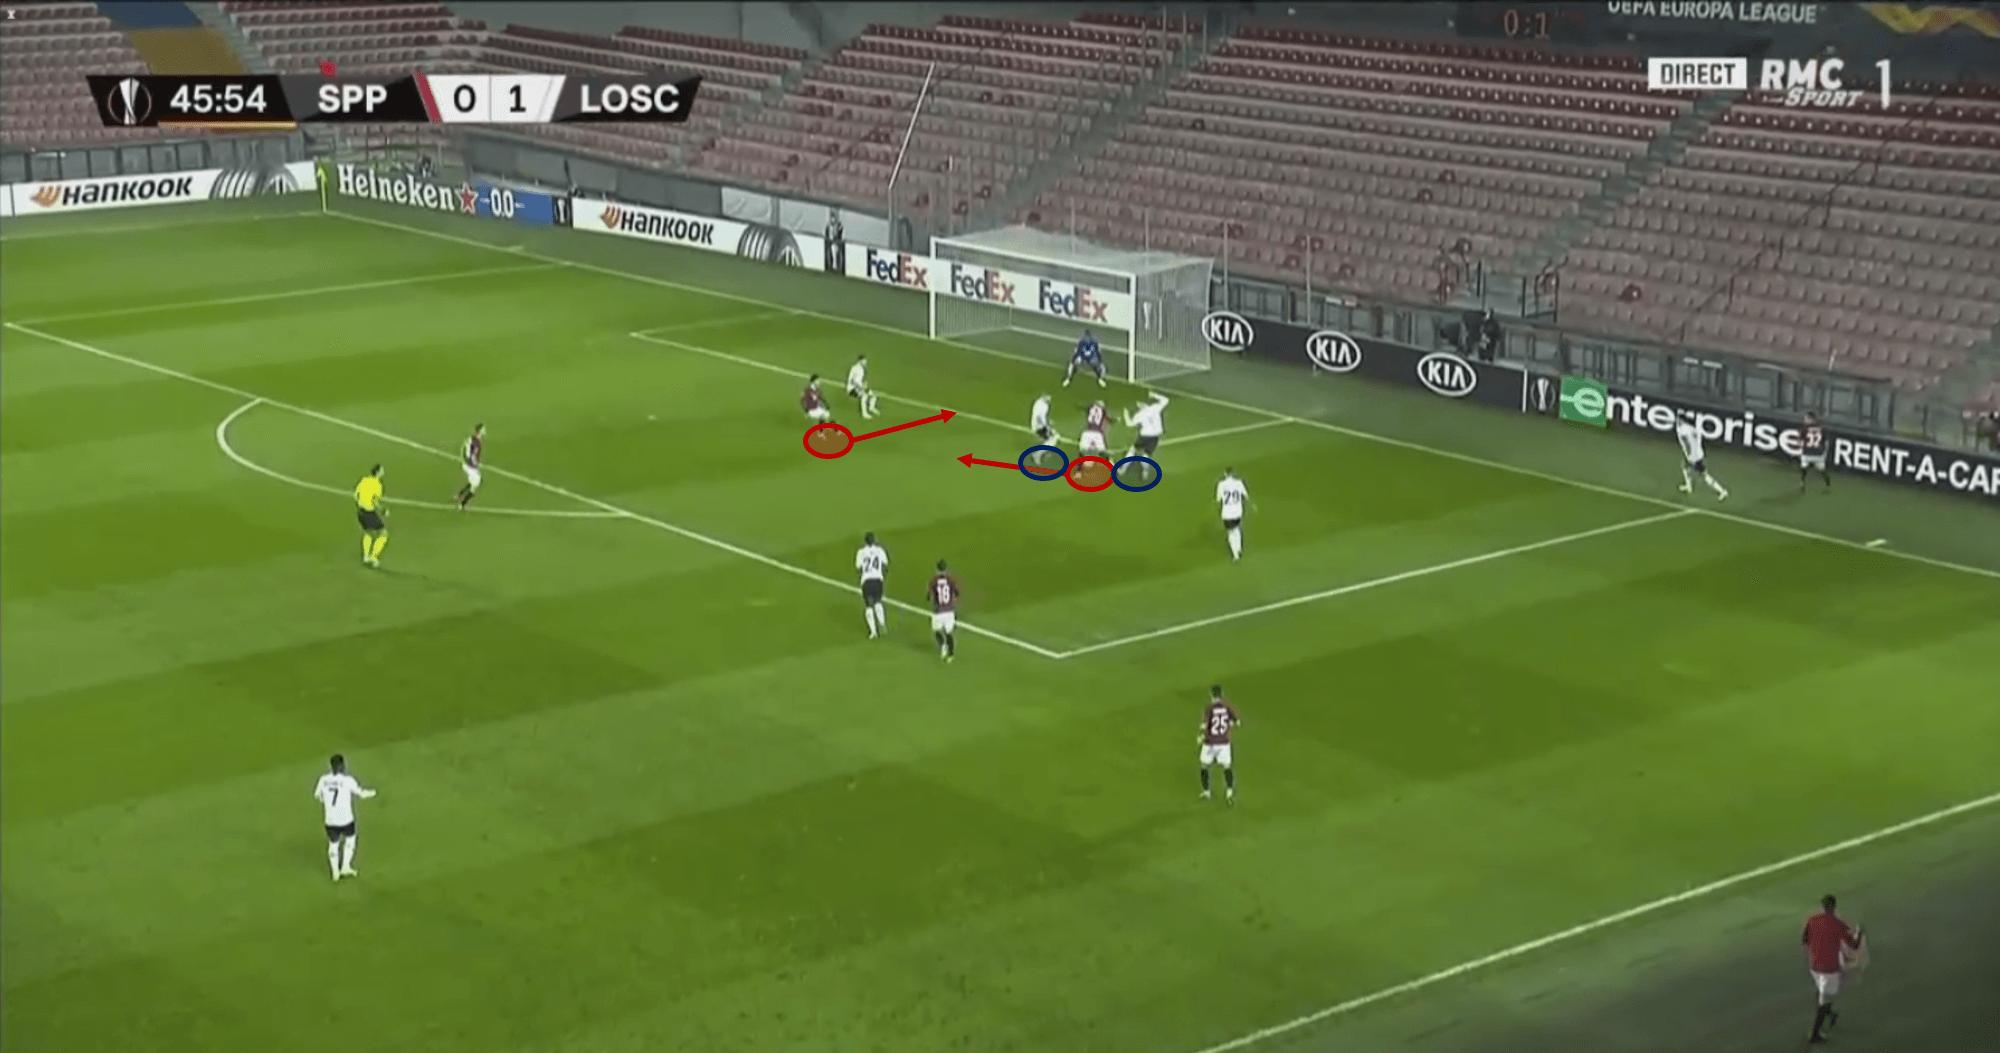 Fortuna Liga 2020/21: Adam Hložek - scout report